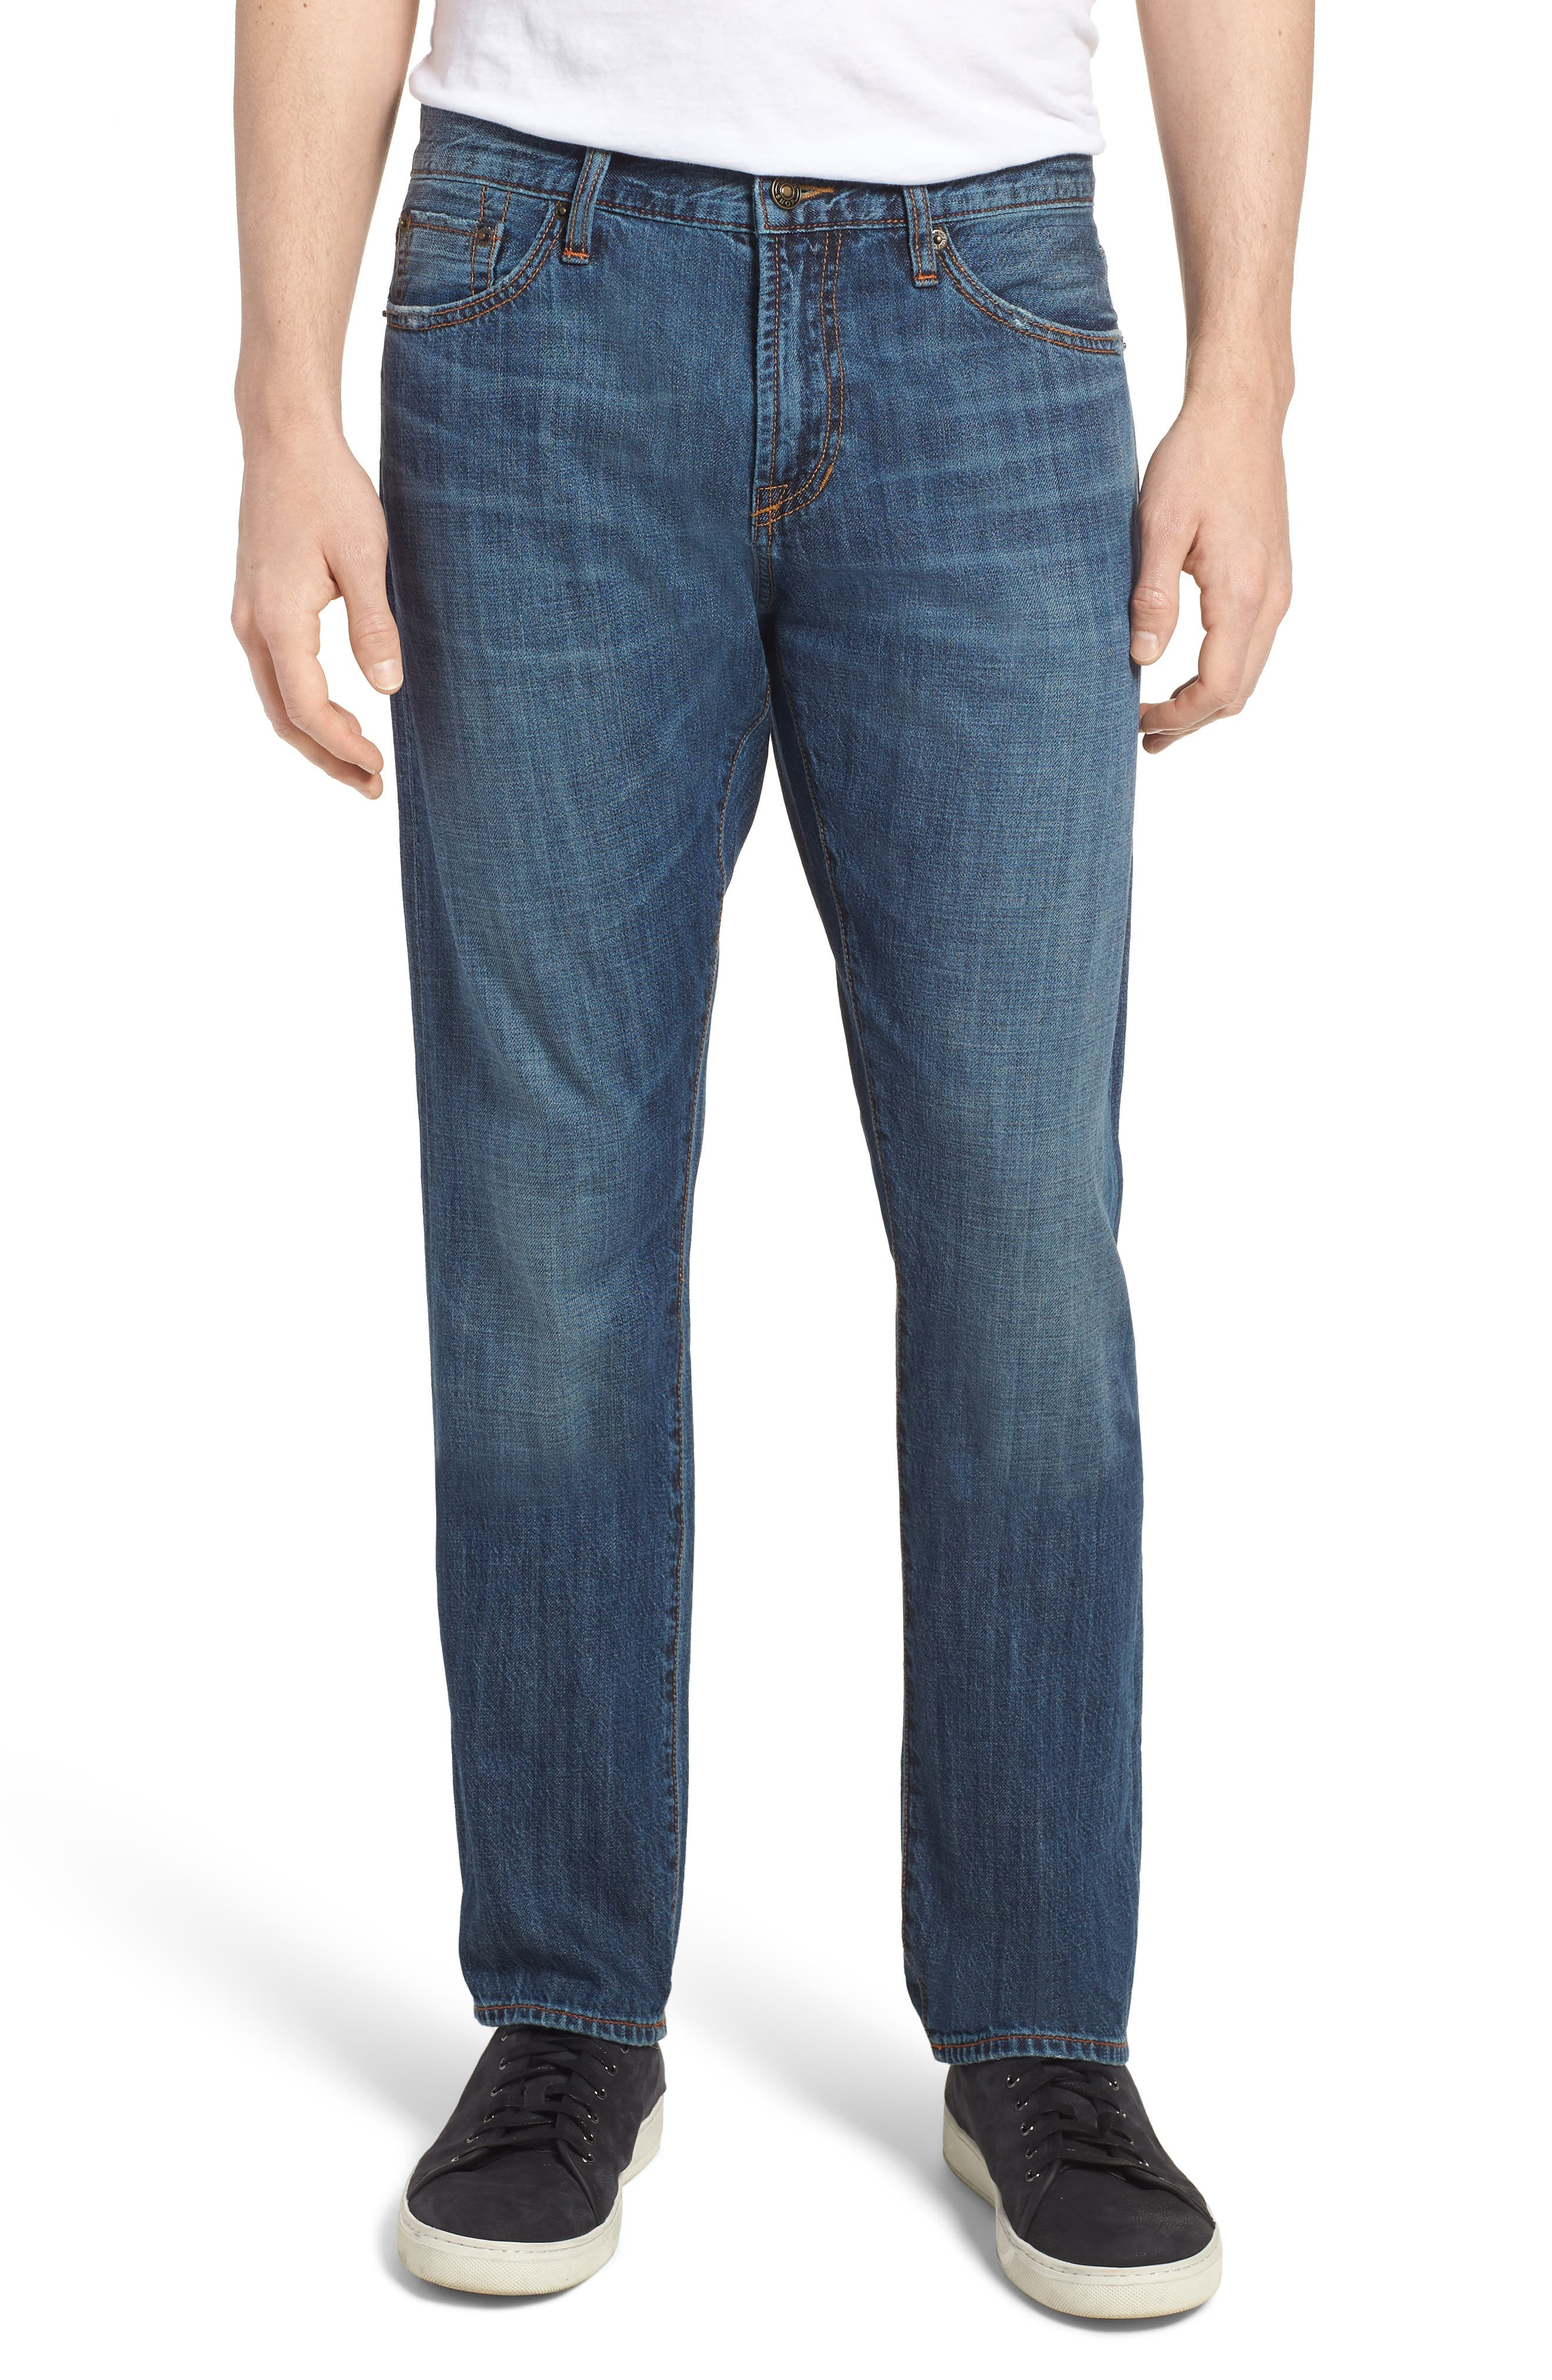 Jim Slim Fit Jeans,                         Main,                         color, Greenwood